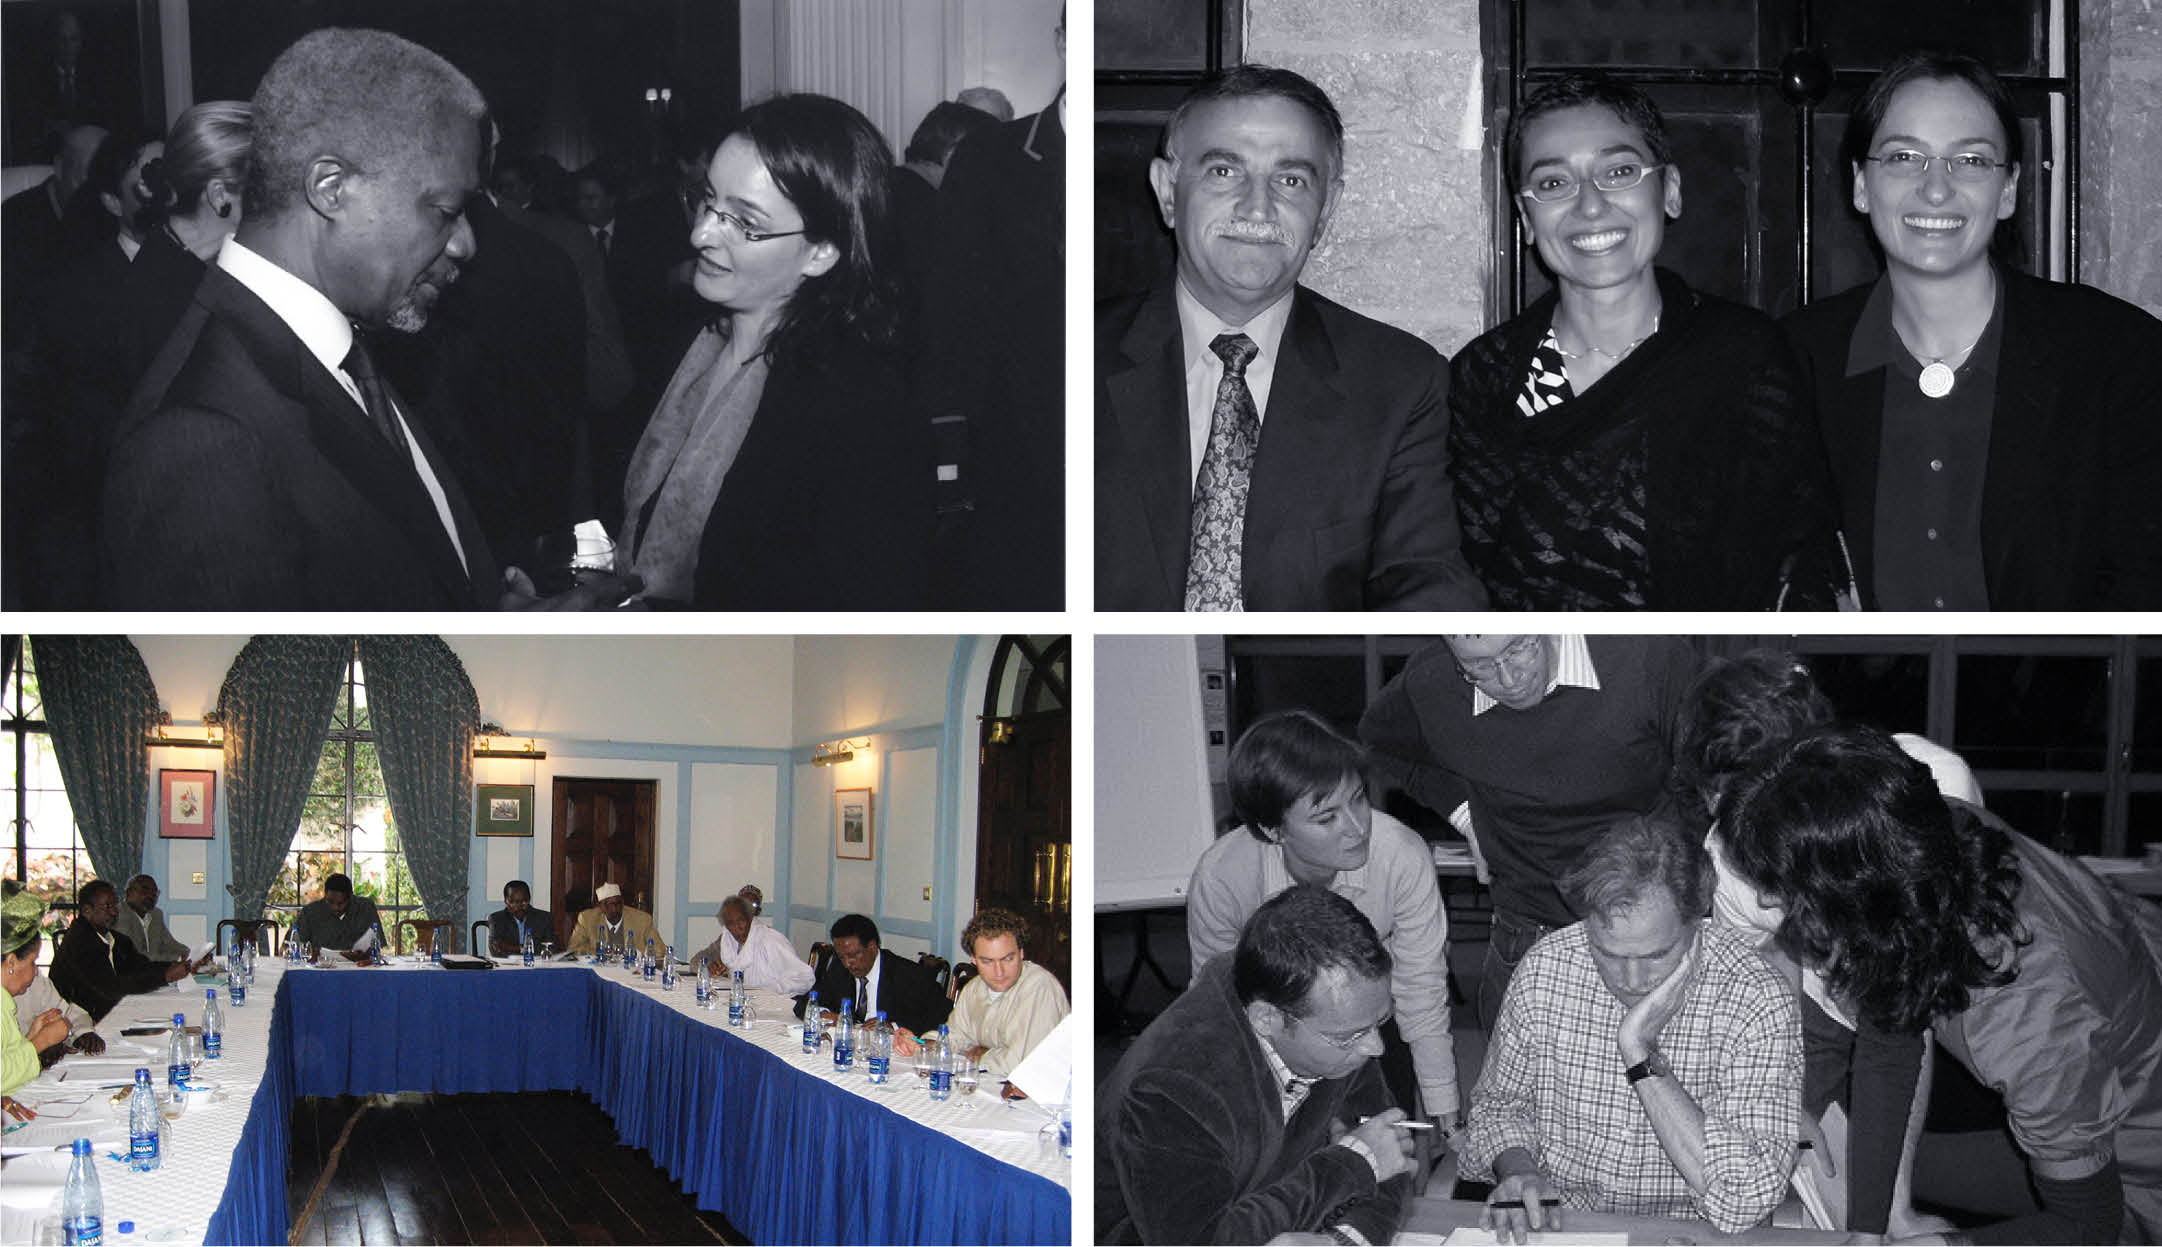 Somali Constitutional Commission, Nairobi, 2005